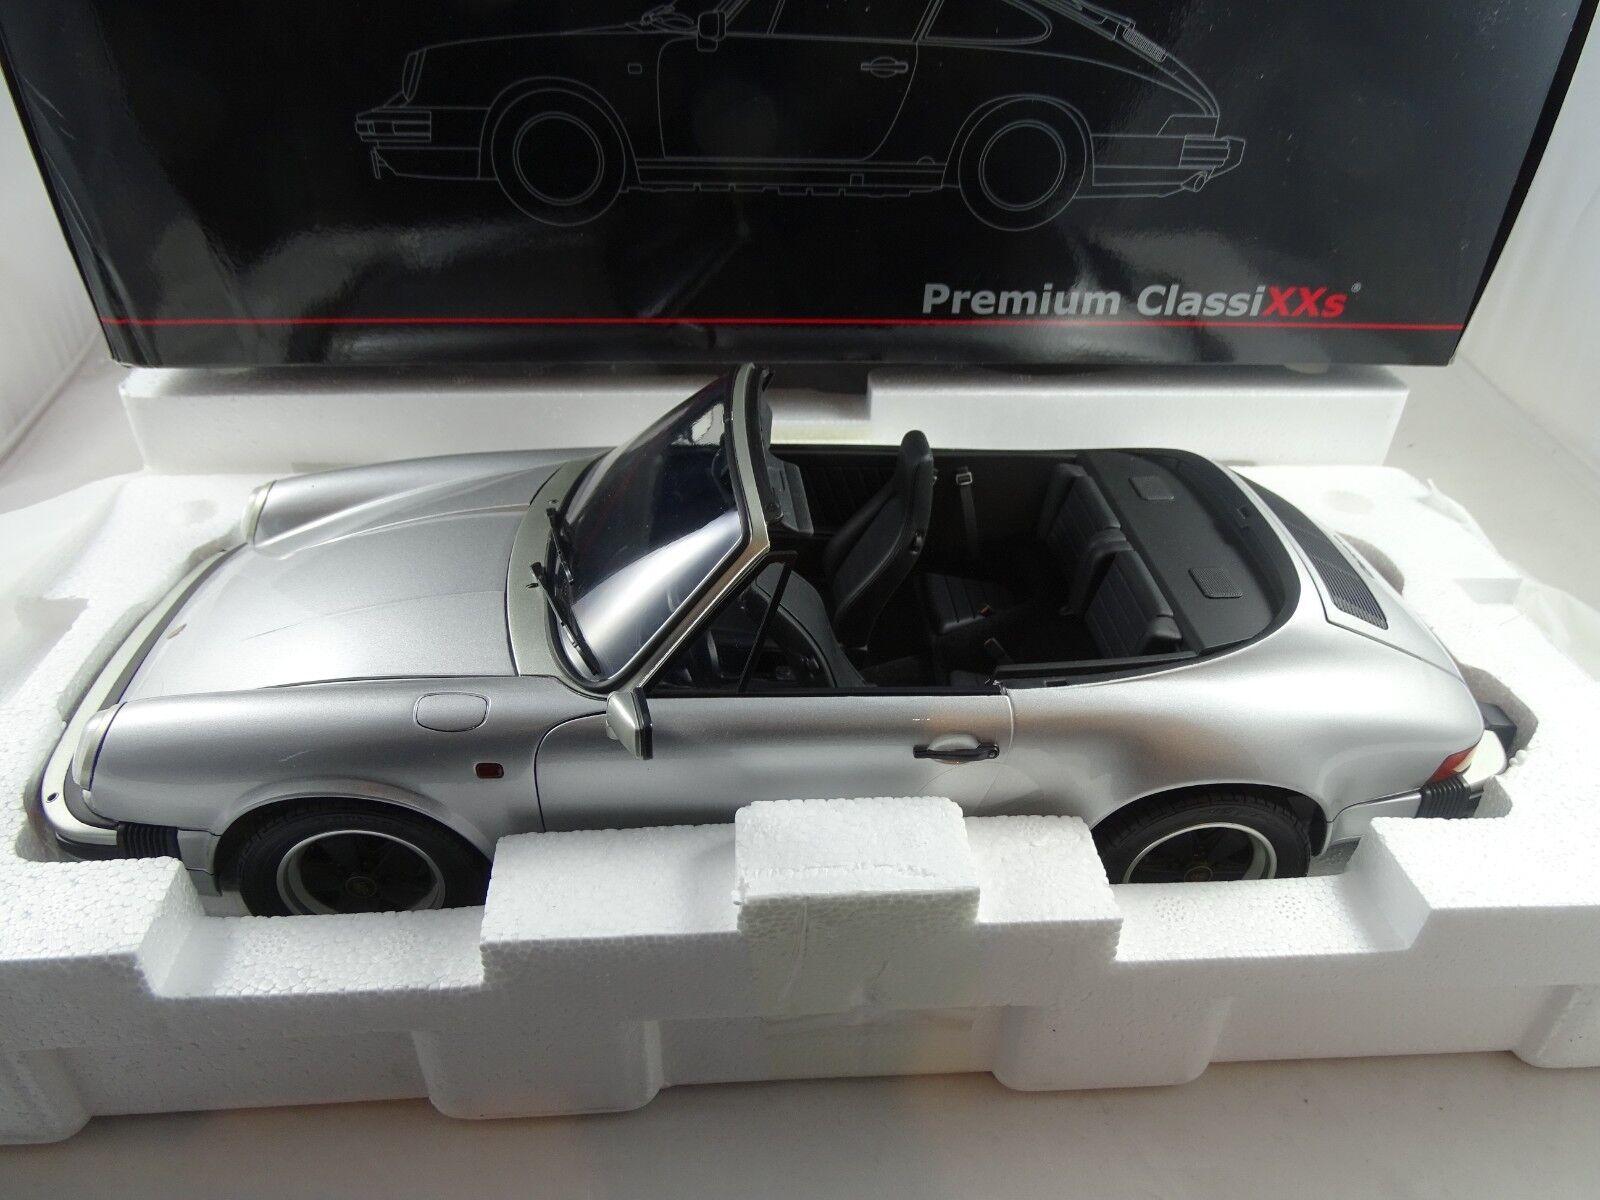 1 12 Premium Classixxs Porsche 911 3.2 Cabrio Limitado Edición Plata